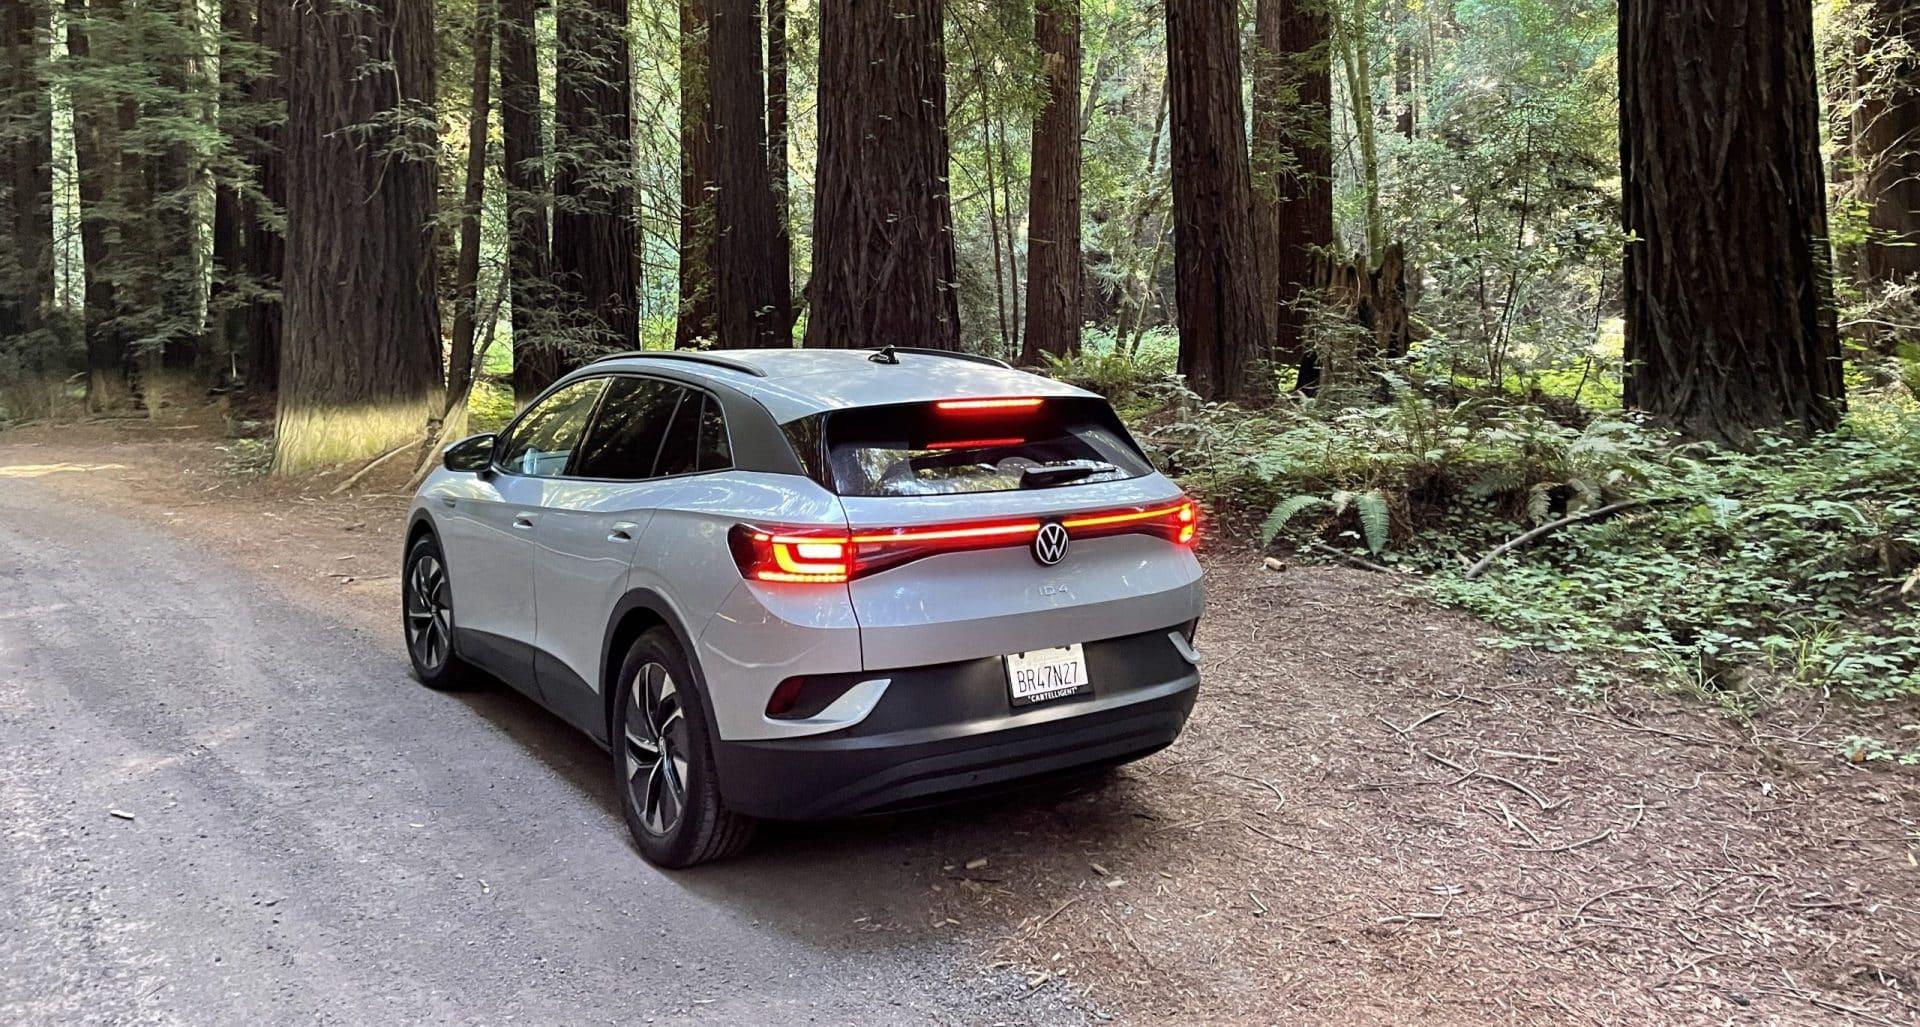 Volkswagen ID.4 in Redwood Forest